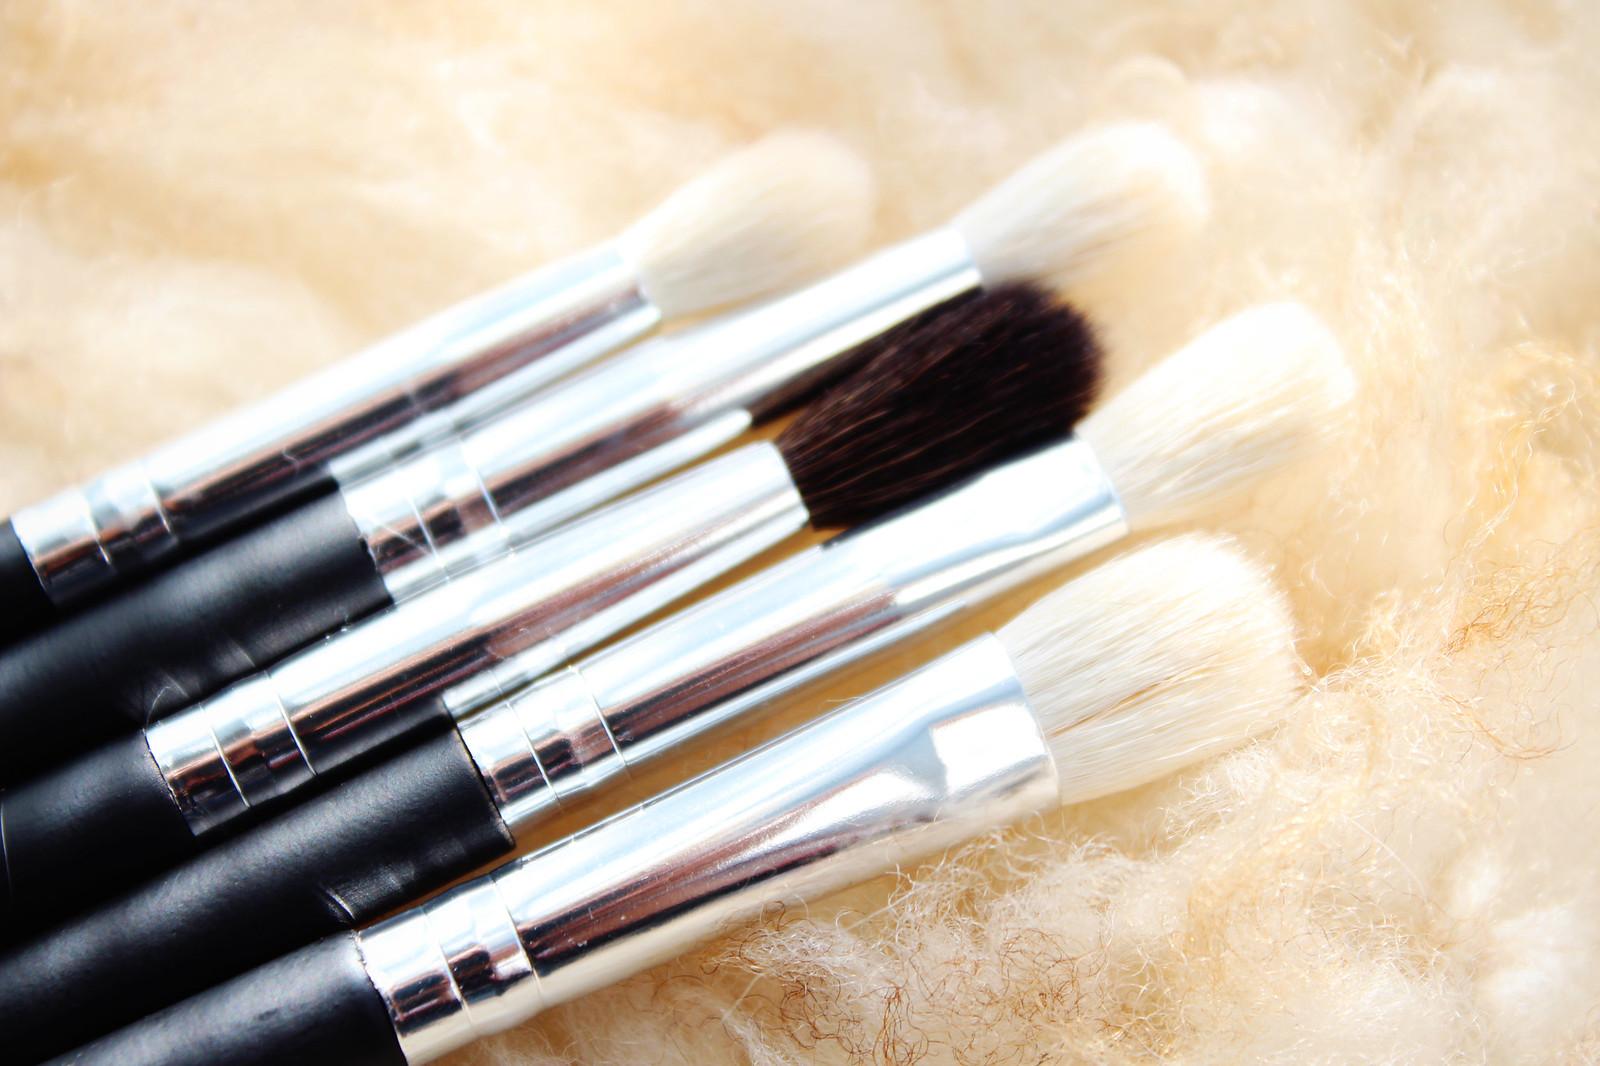 ebay-blending-brushes-review